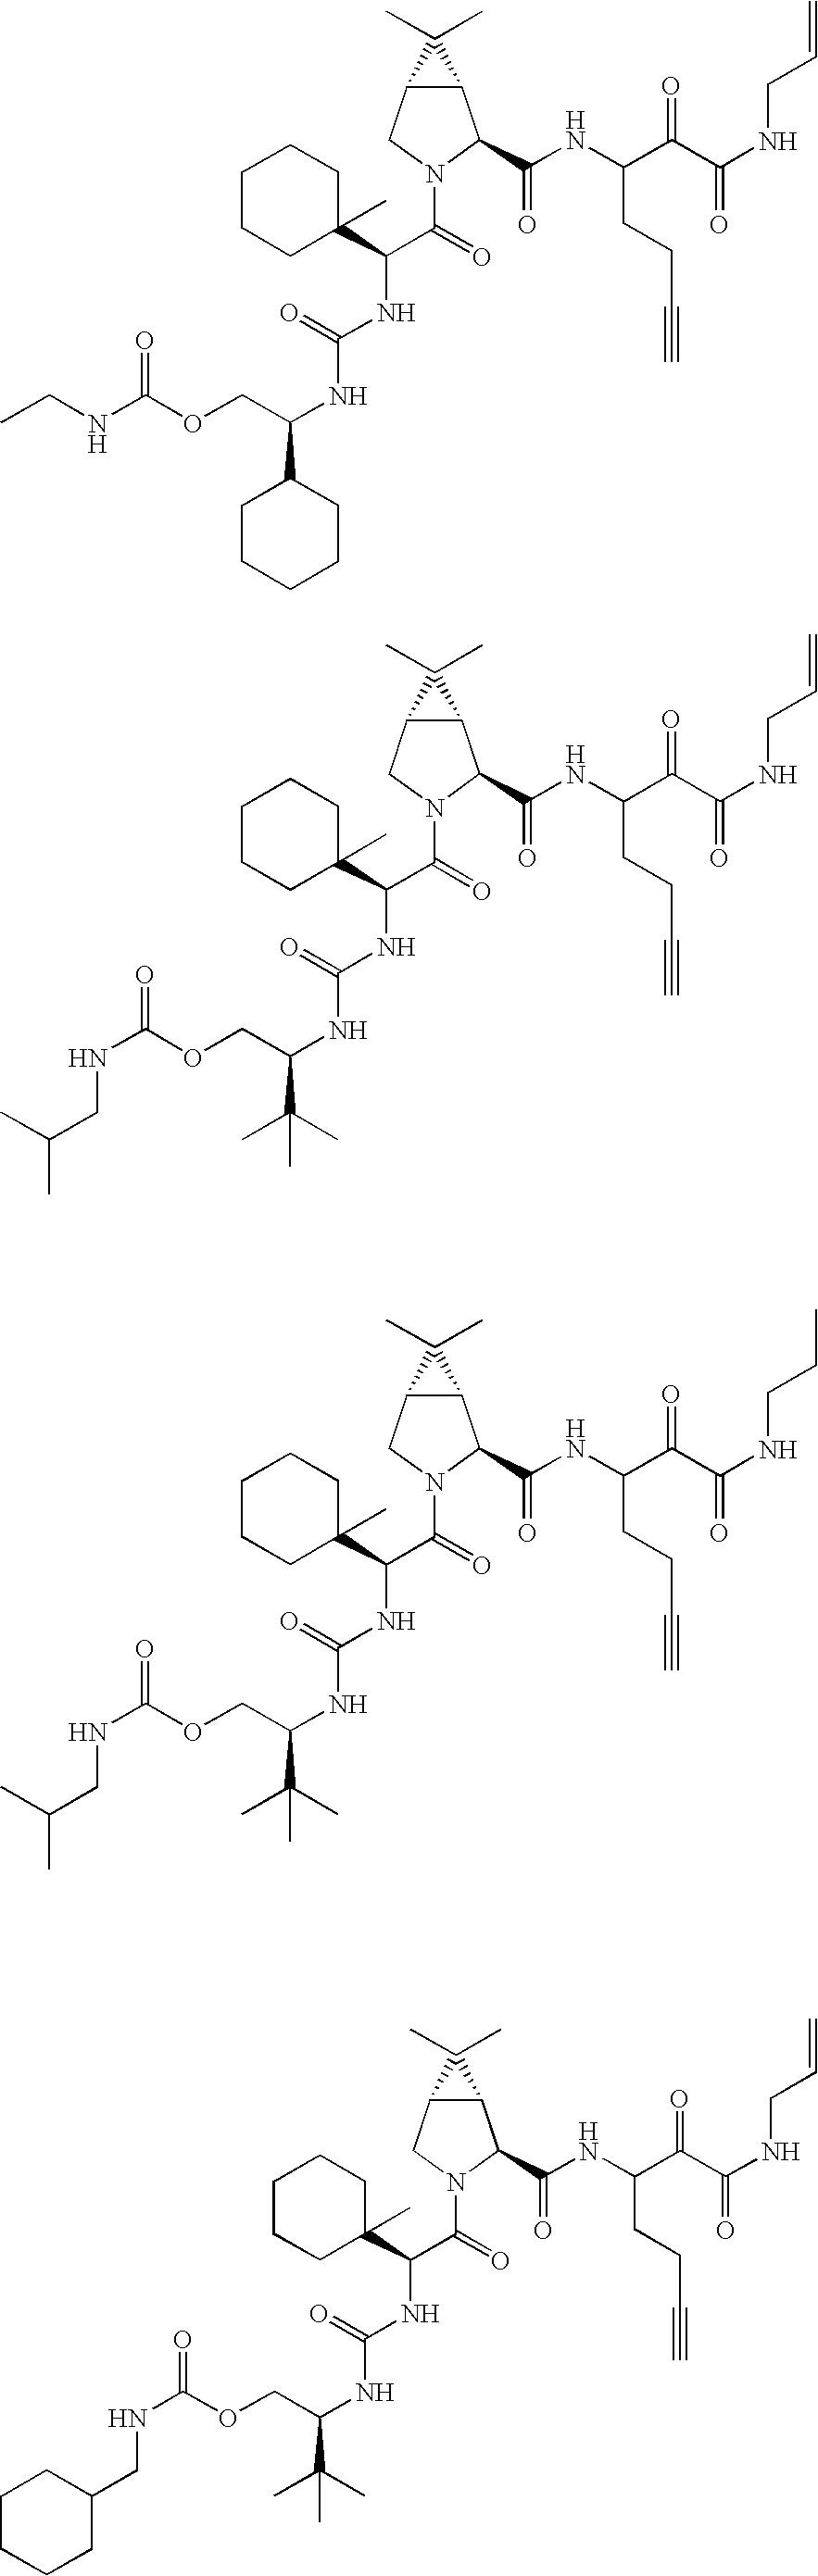 Figure US20060287248A1-20061221-C00379